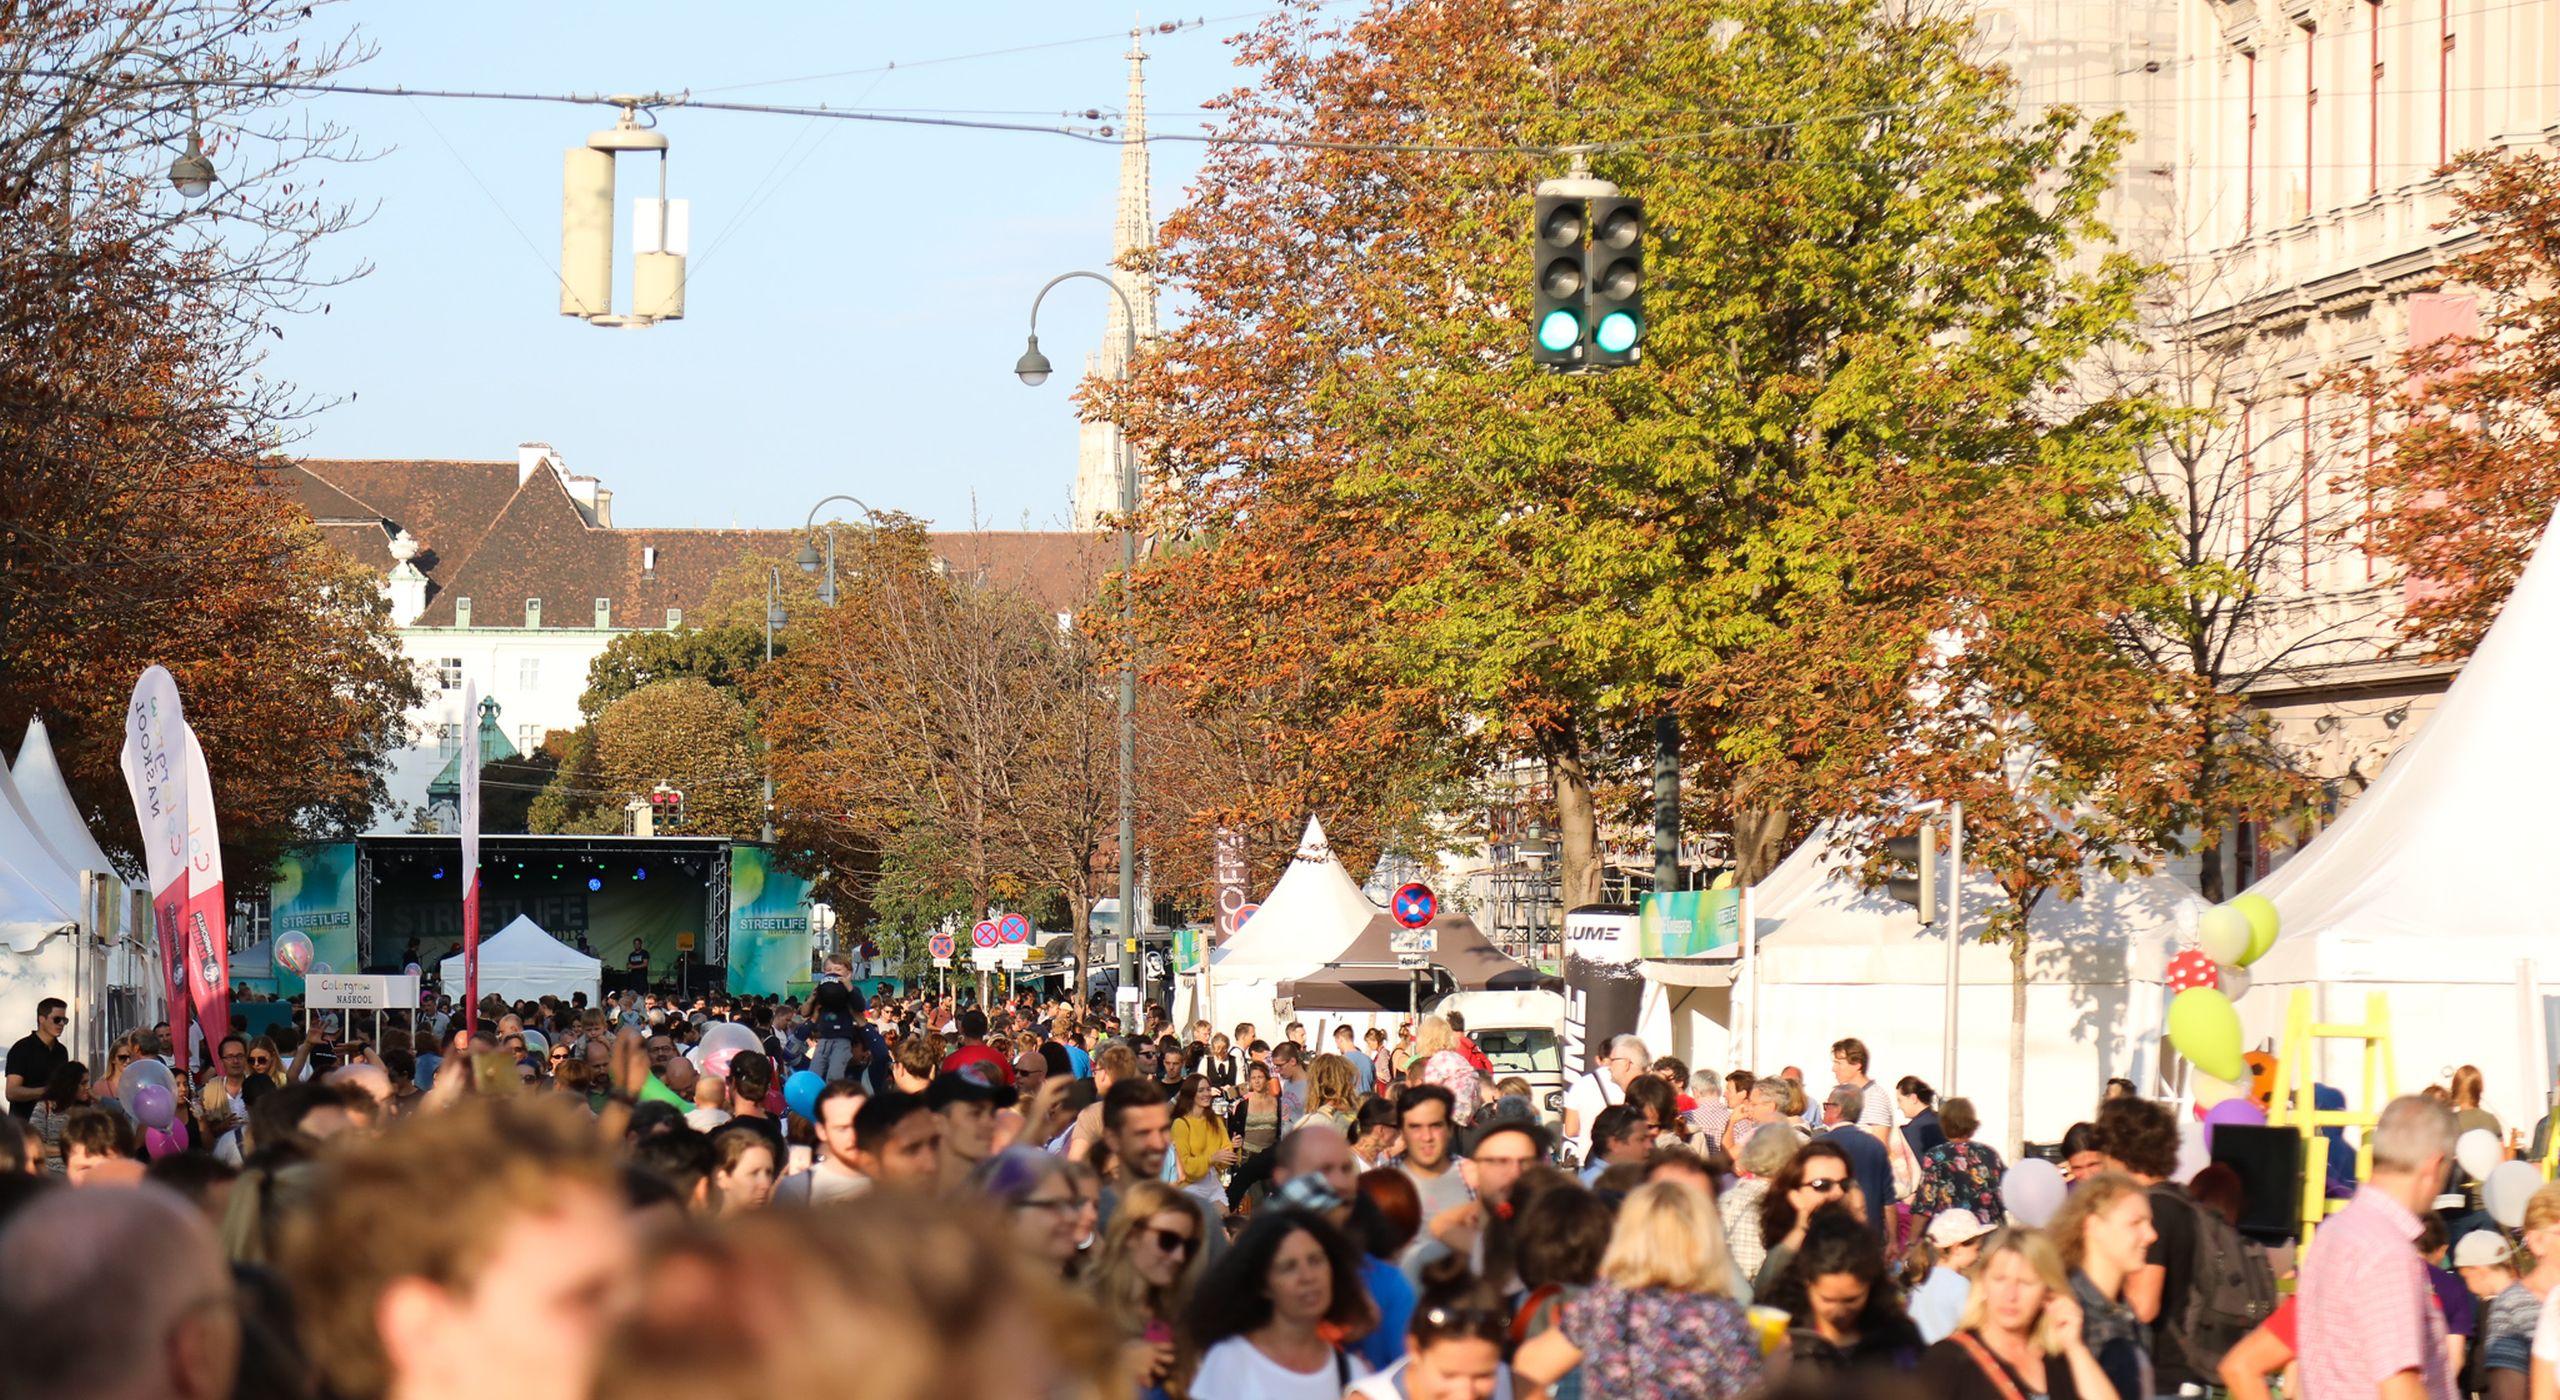 Das Streetlife Festival zum Auftakt der Europäischen Mobilitätswoche besuchten 40.000 Menschen. Es fand am 15. und 16. September in der Babenbergerstraße statt. Foto: Christian Fürthner